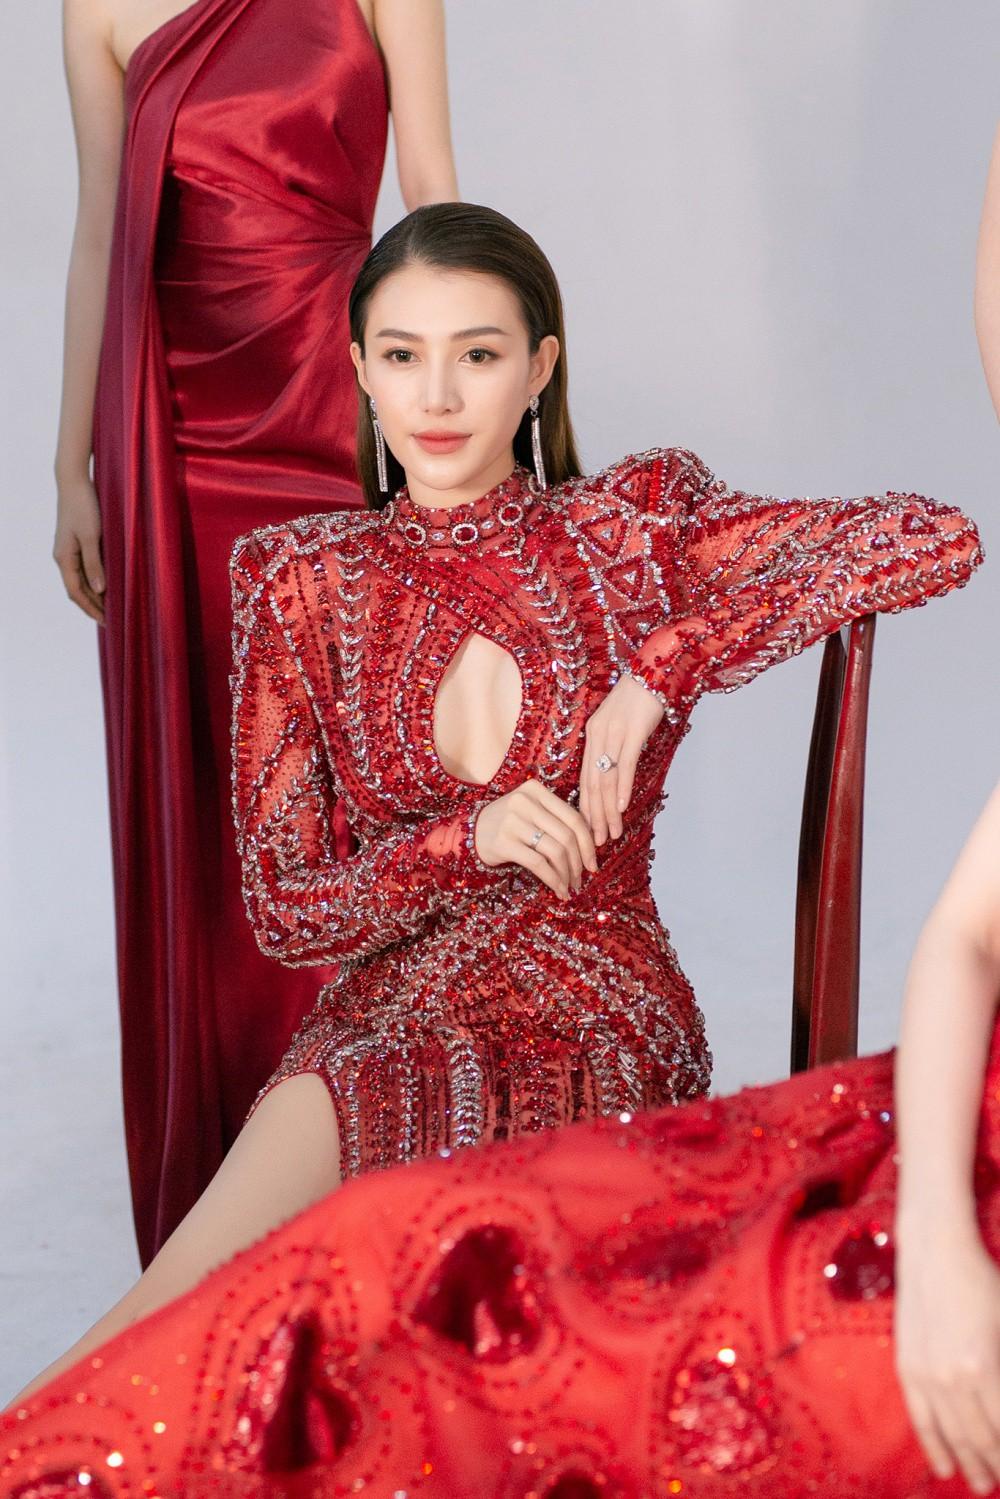 Ngọc Trinh hội ngộ Quỳnh Thư, Lê Hà, sẵn sàng sải bước catwalk lần cuối tại Đêm hội chân dài 12 - Ảnh 7.